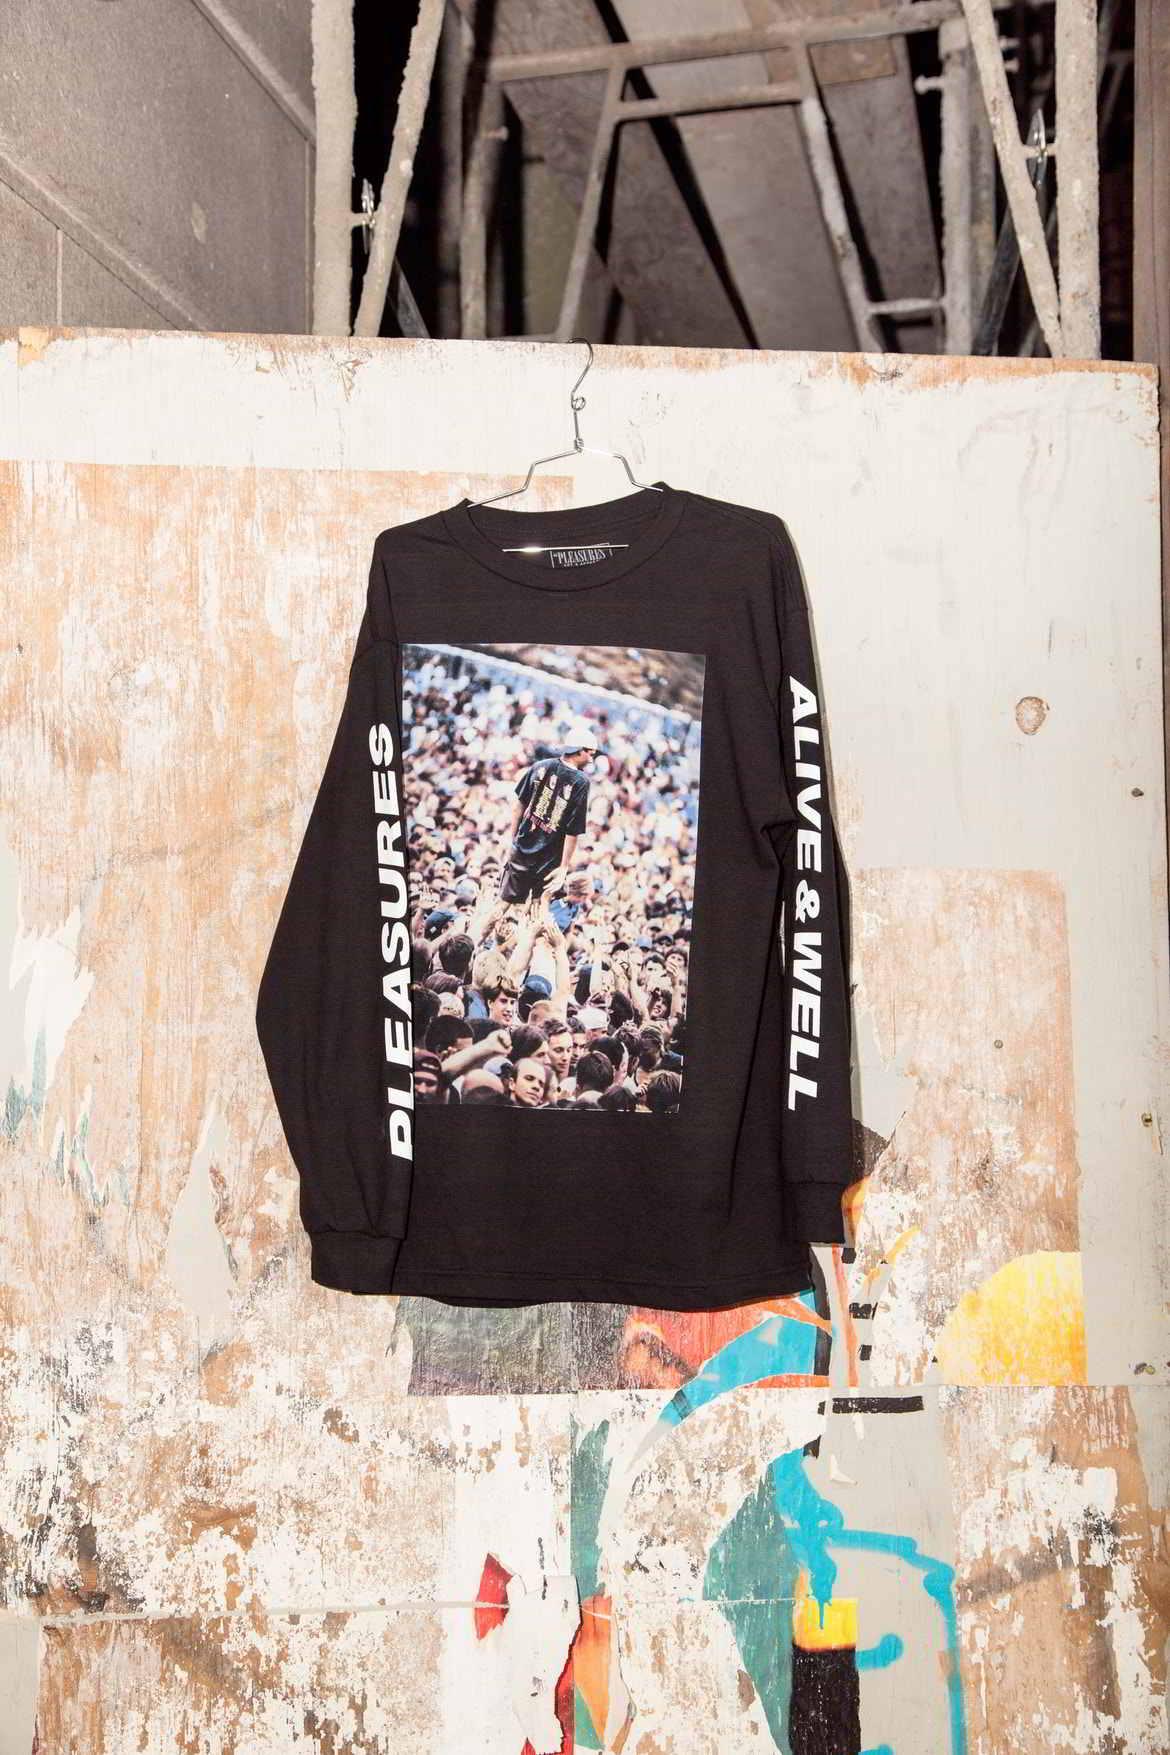 alive and well pleasures grunge colecao 8 - Alive & Well e PLEASURES se unem em coleção inspirada pelo grunge